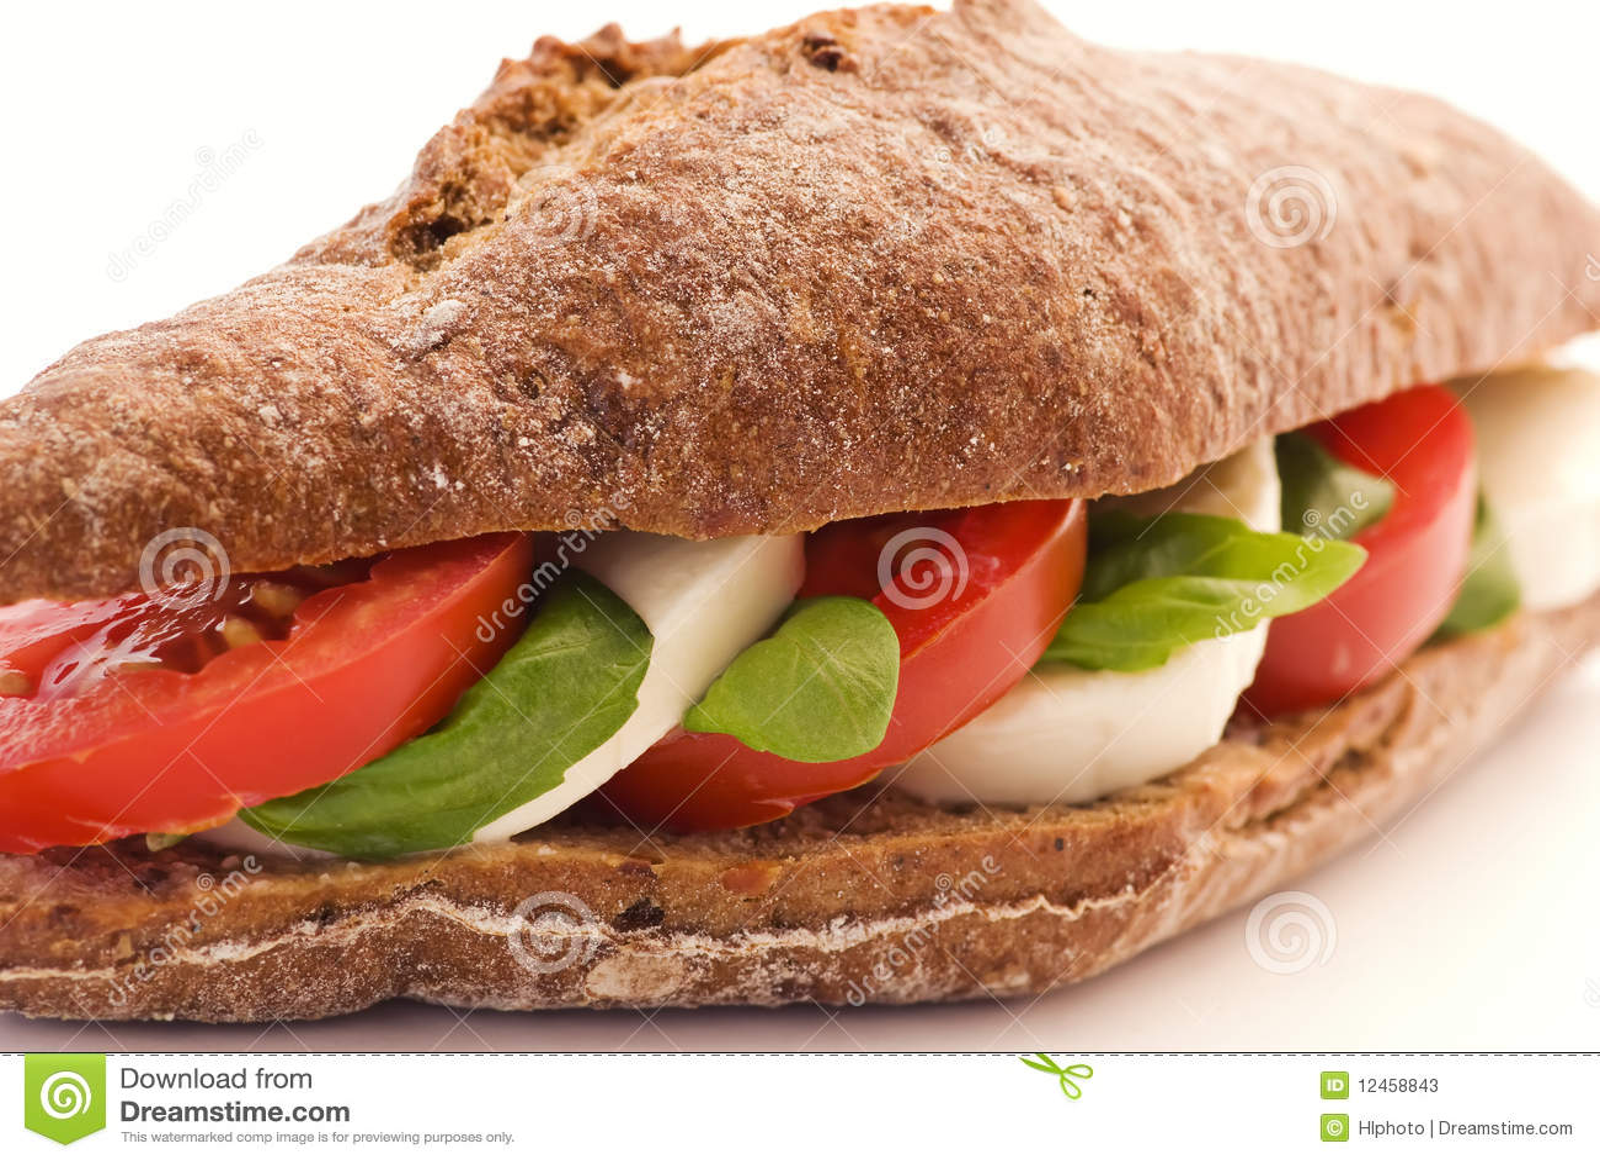 Tomato Mozzarella Sandwich Stock Photos - Image: 12458843